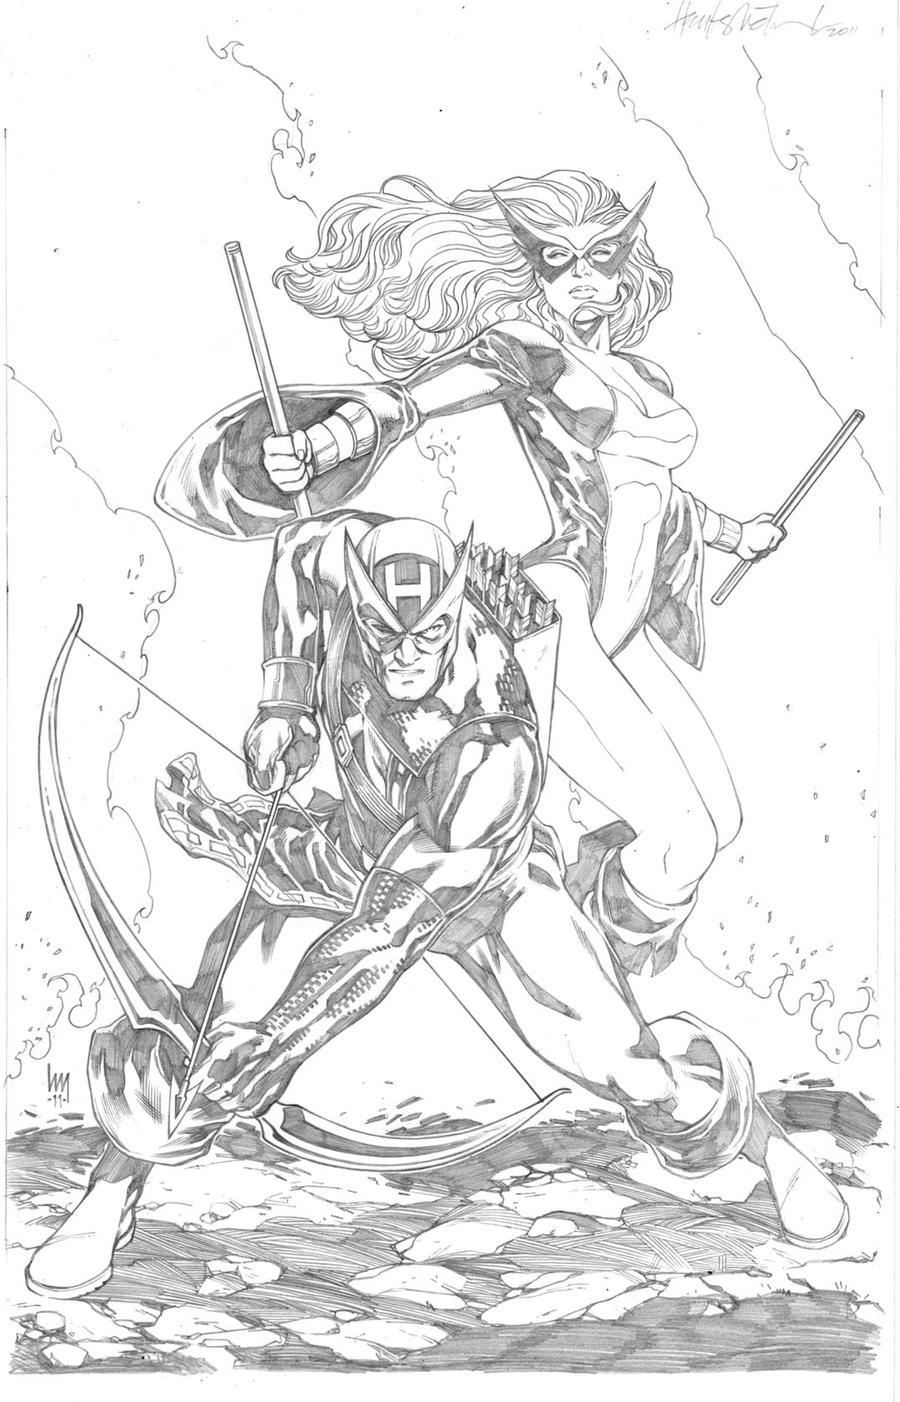 Hawkeye And Mockingbird By Wrathofkhan